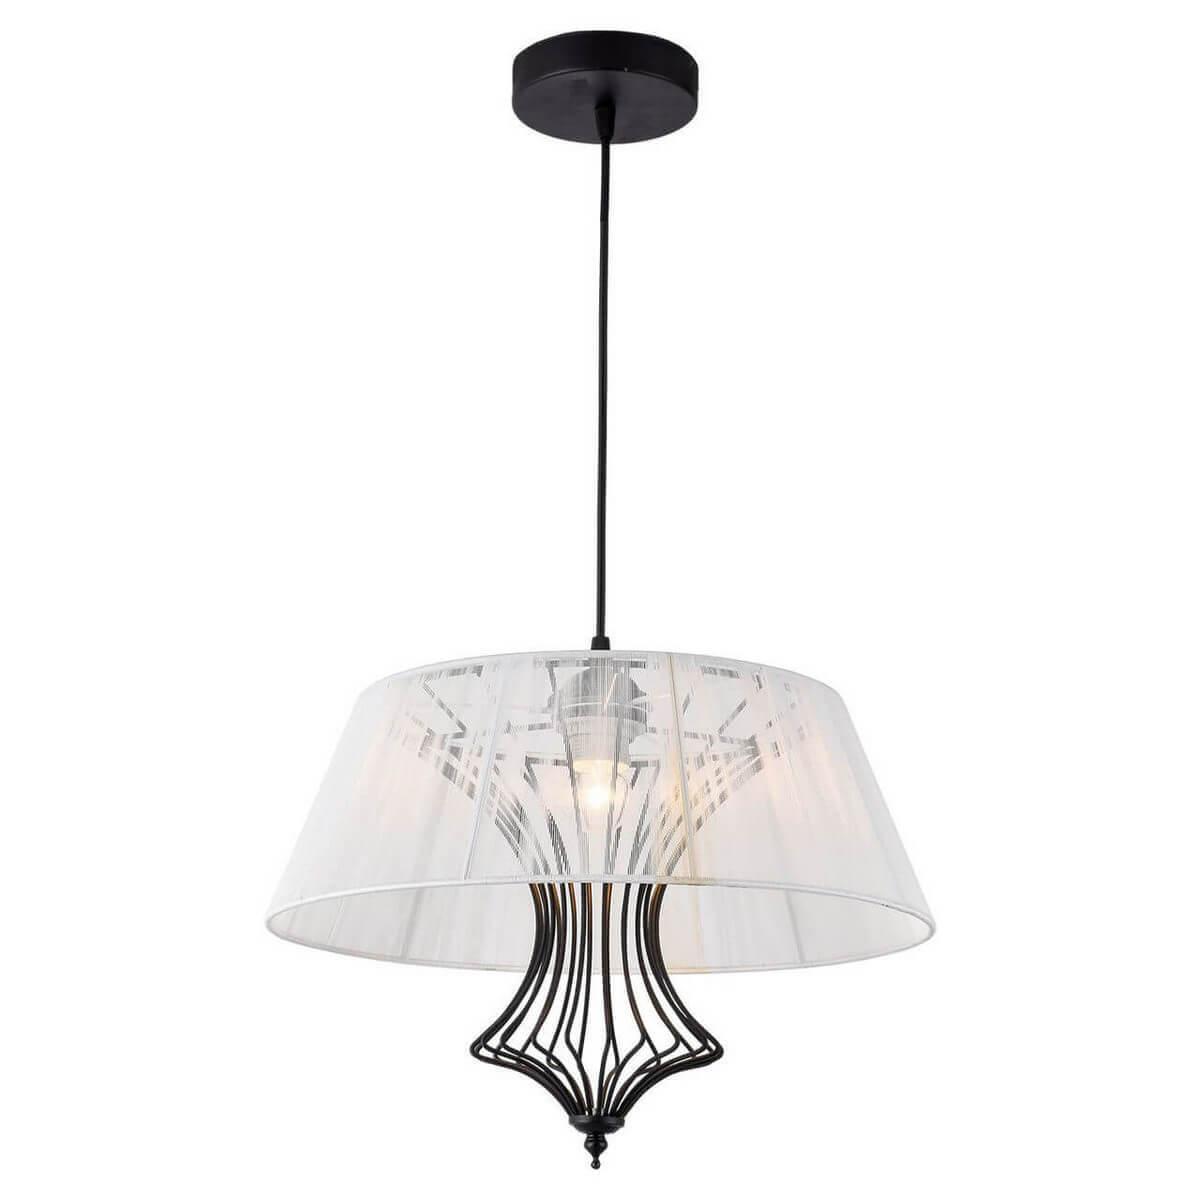 цена Подвесной светильник Lussole Loft Cameron LSP-8108 онлайн в 2017 году